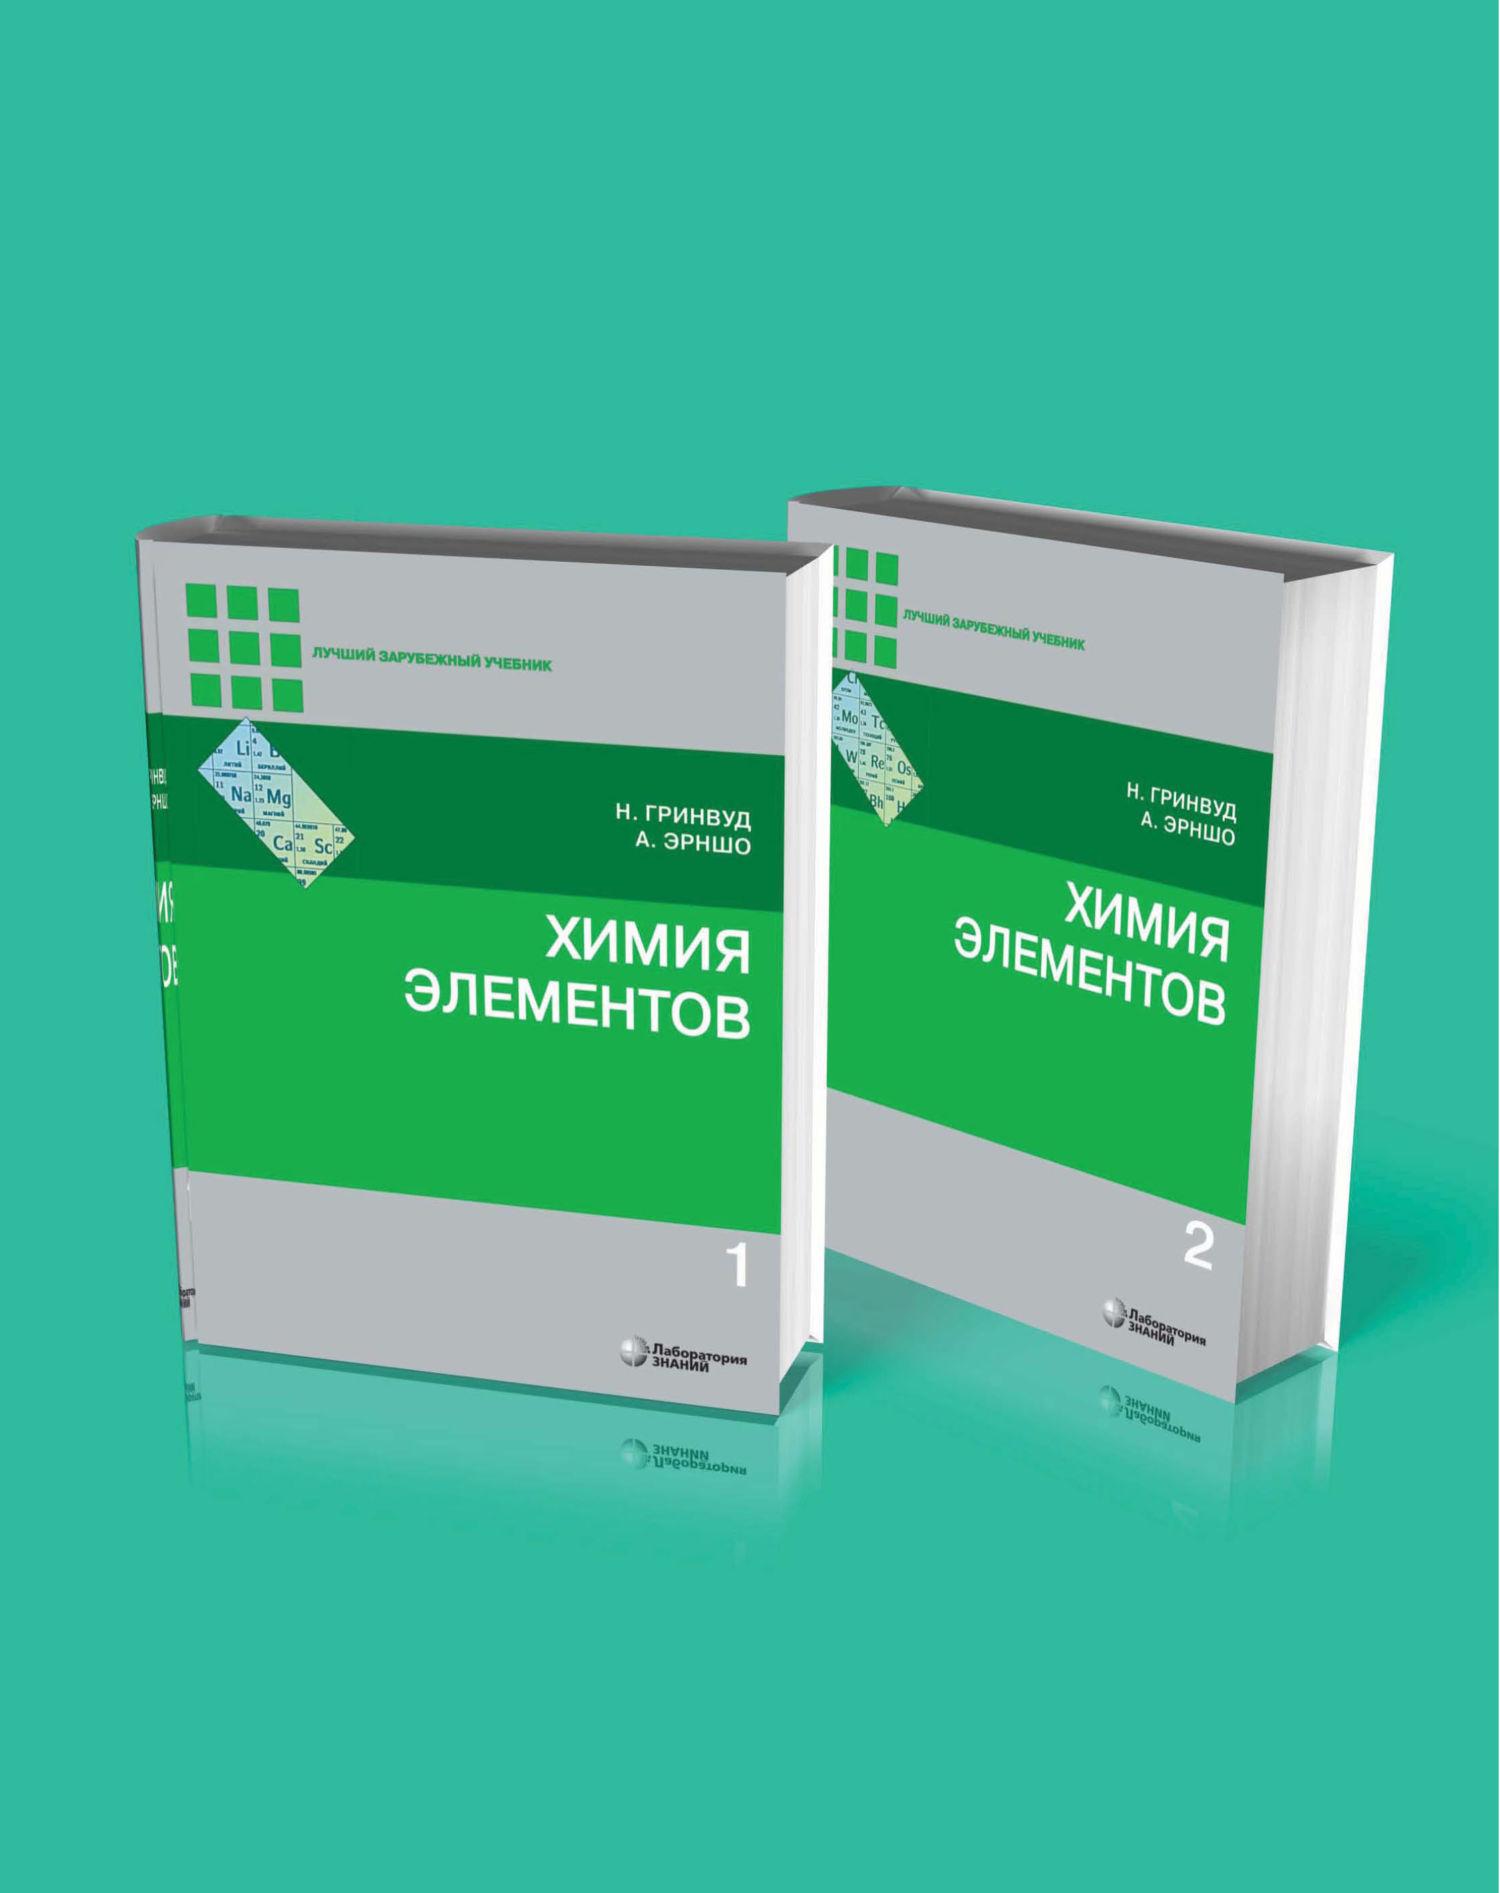 Норман Гринвуд Химия элементов. В 2 томах джон норман телнарианская история в двух томах том 2